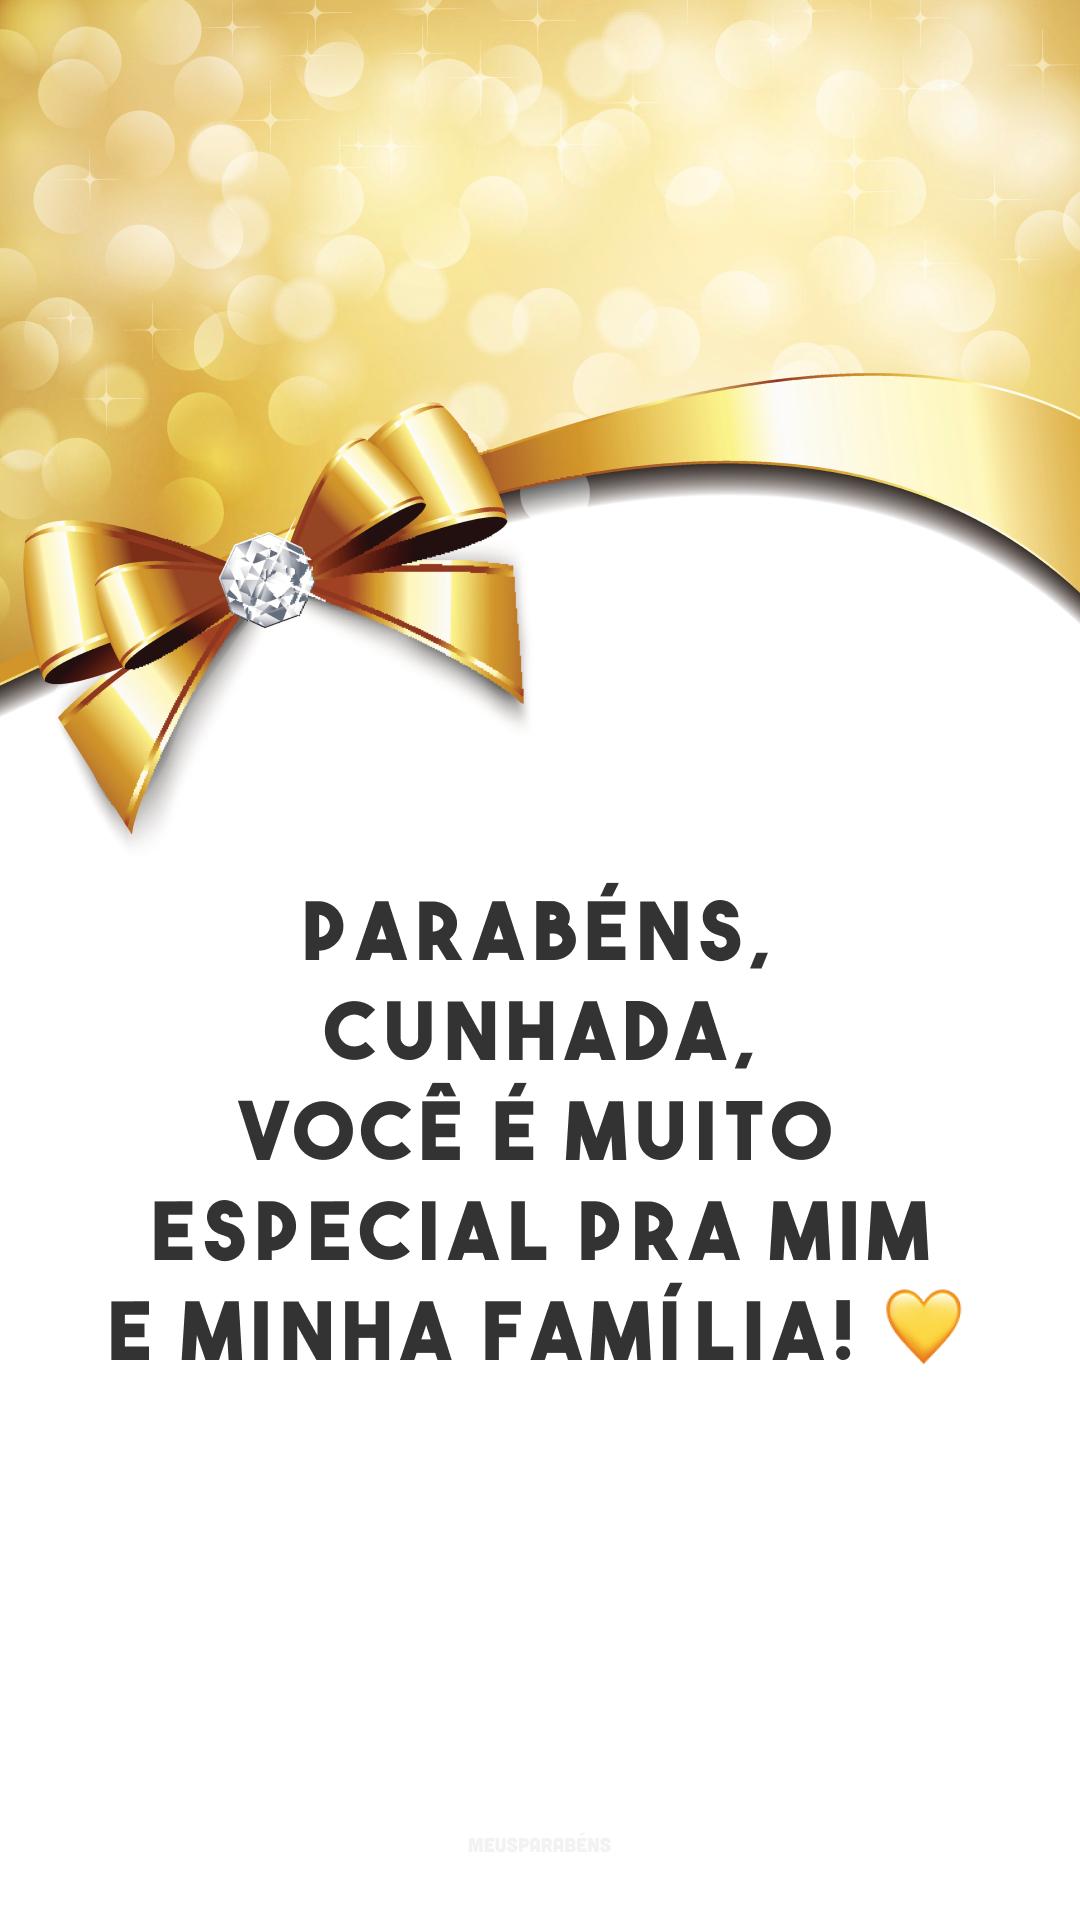 Parabéns, cunhada, você é muito especial pra mim e minha família! 💛